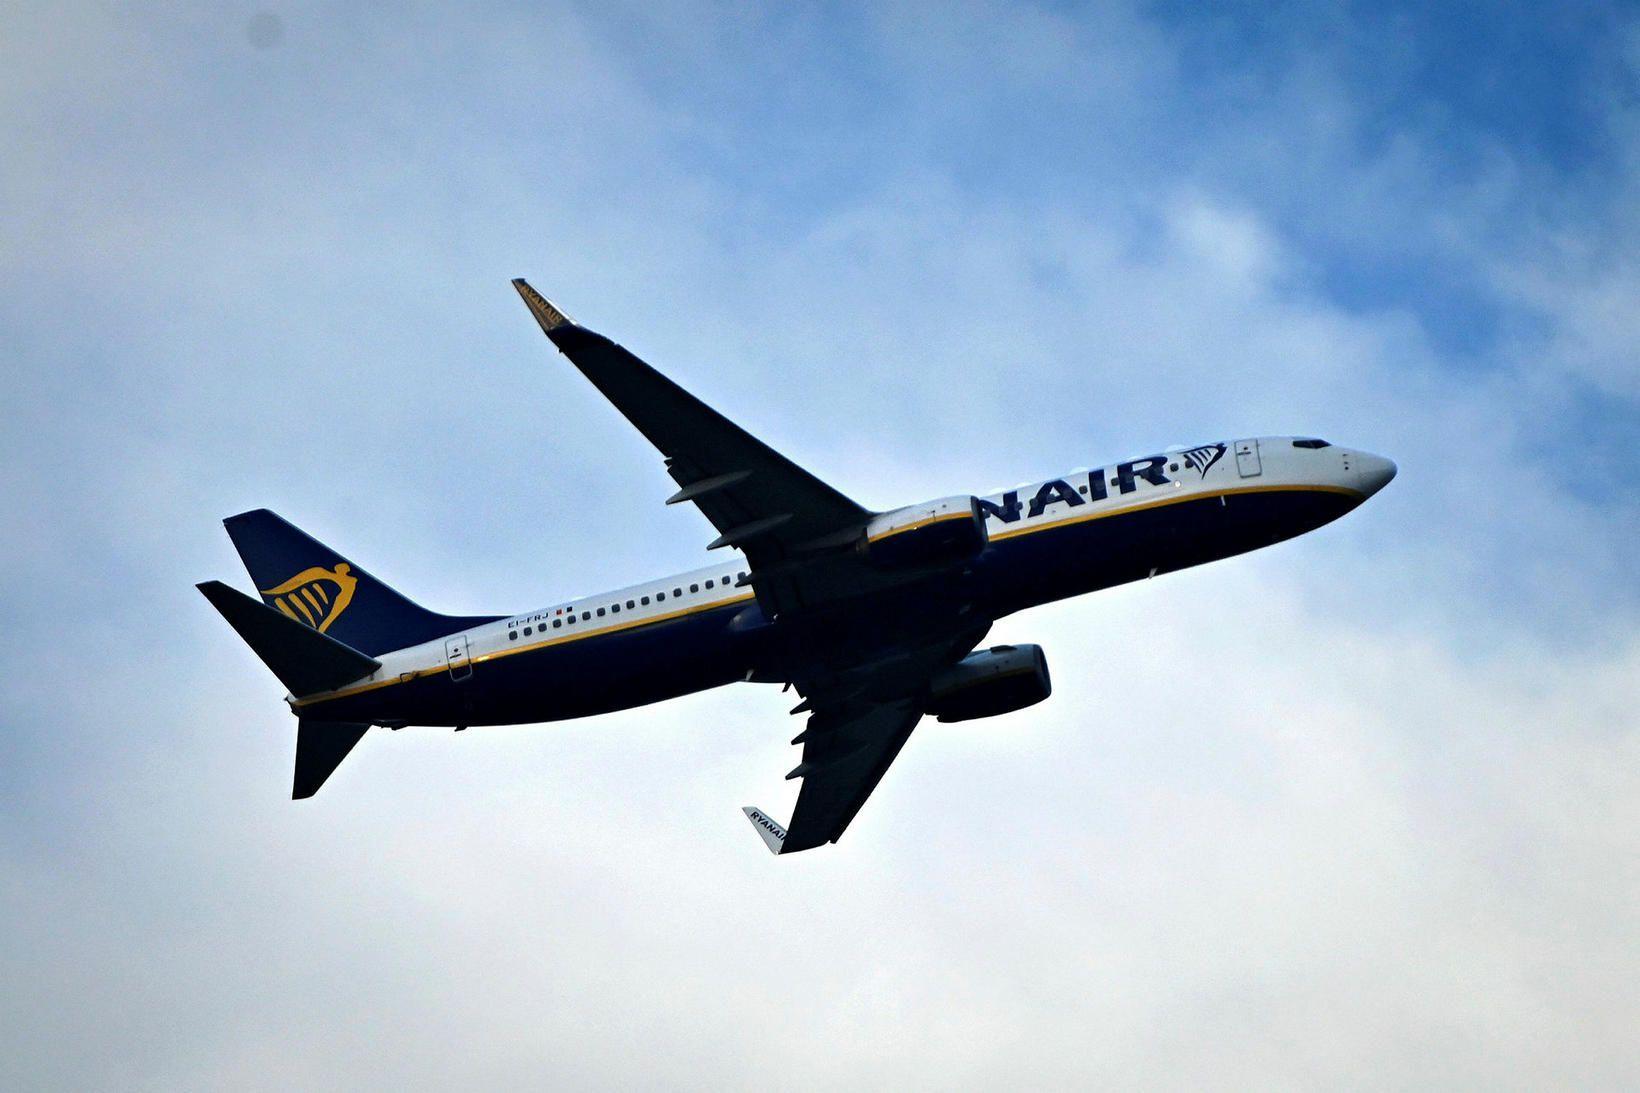 Eldsneytiskostnaður Ryanair jókst um 22% á milli ára.